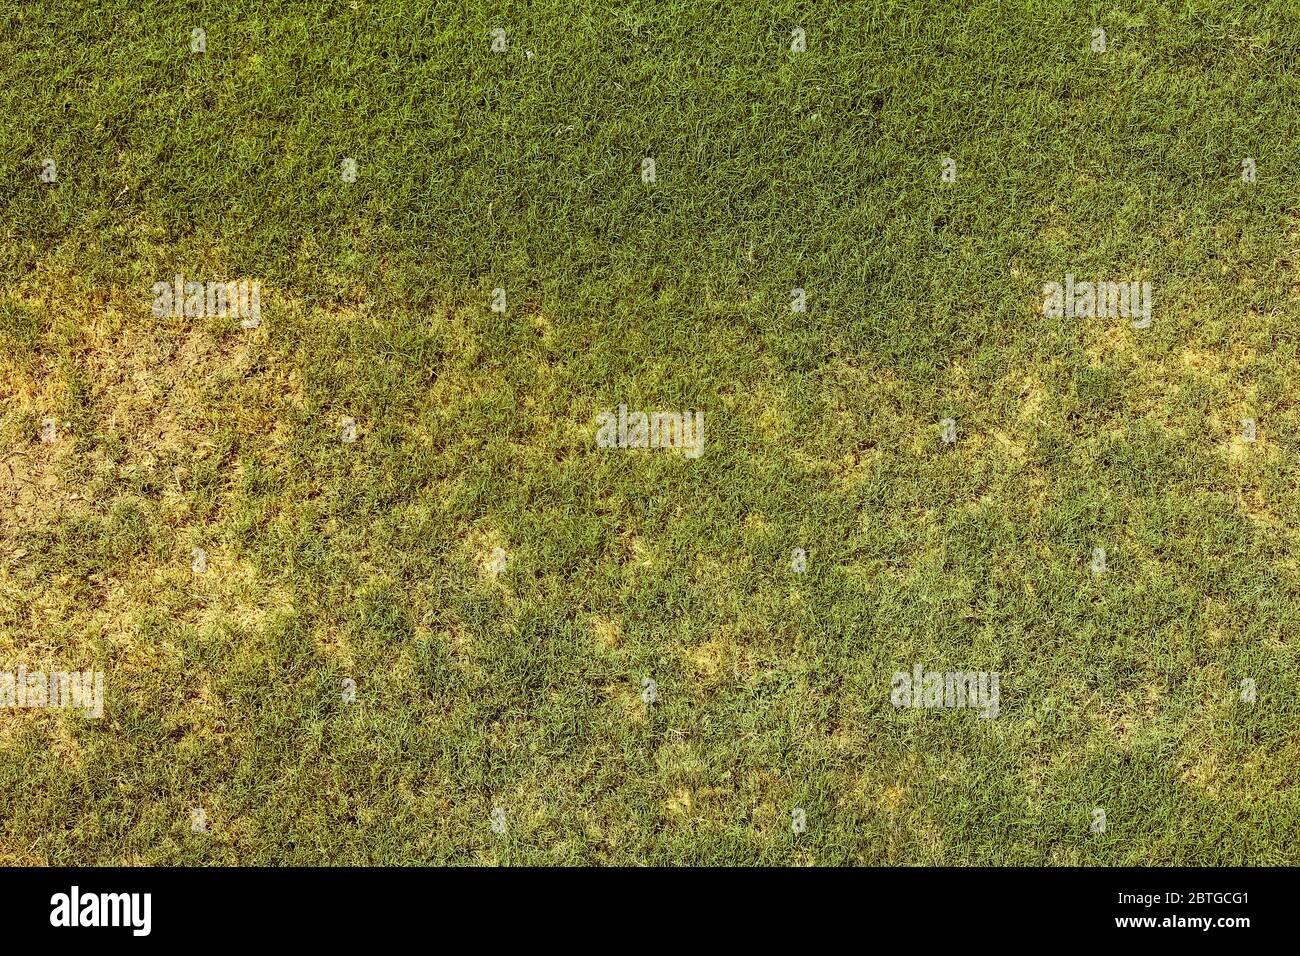 Draufsicht der hellen Rasen Garten Idee Konzept für die Herstellung von grünen Hintergrund verwendet, Rasen für die Ausbildung Fußballplatz, Gras Golfplätze grünen Rasen Muster t Stockfoto